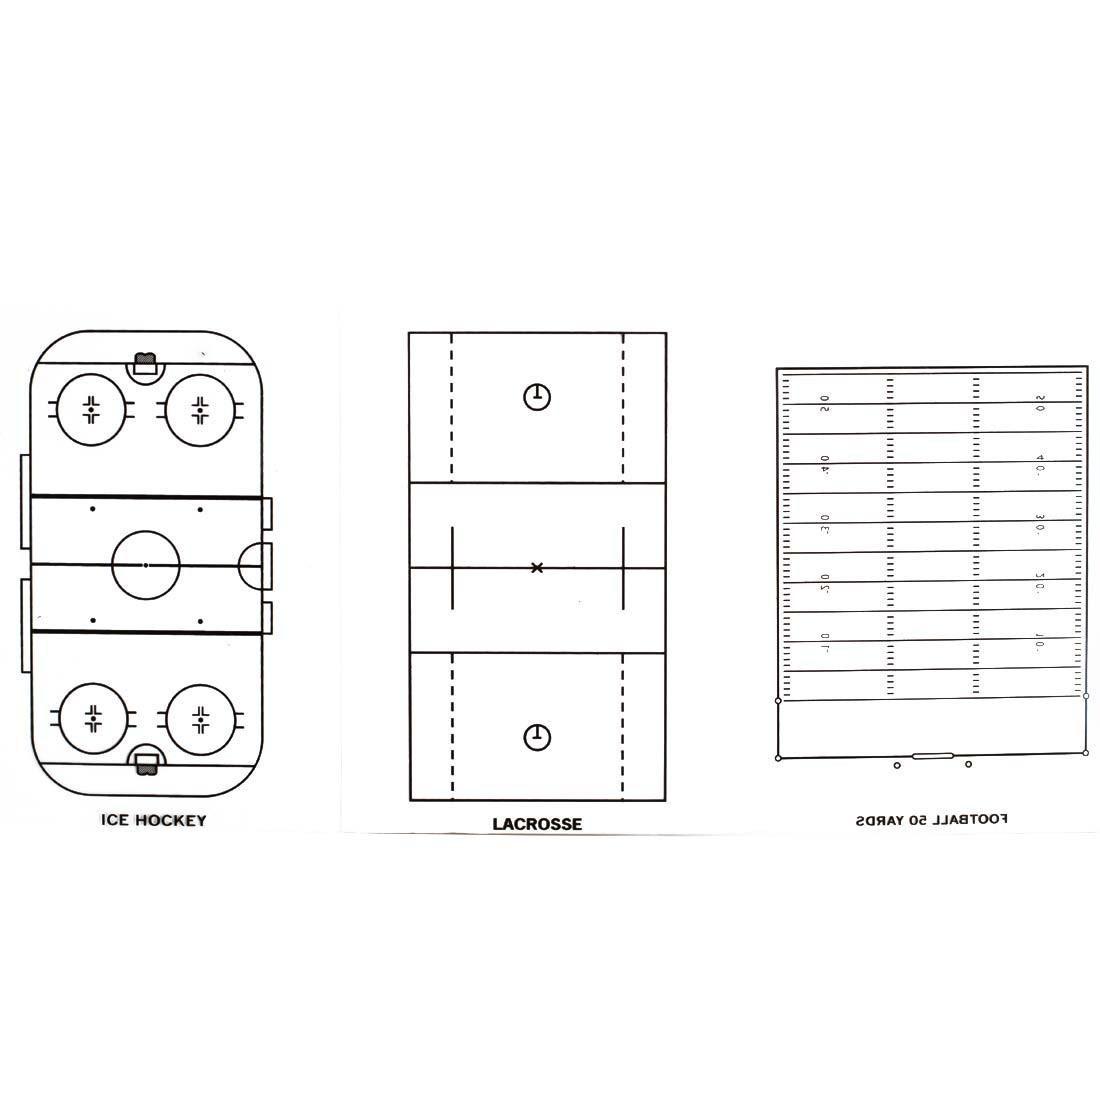 prancheta tática ax esportes 28x19cm 7 modalidades-fa234. Carregando zoom. c25e8125b1976